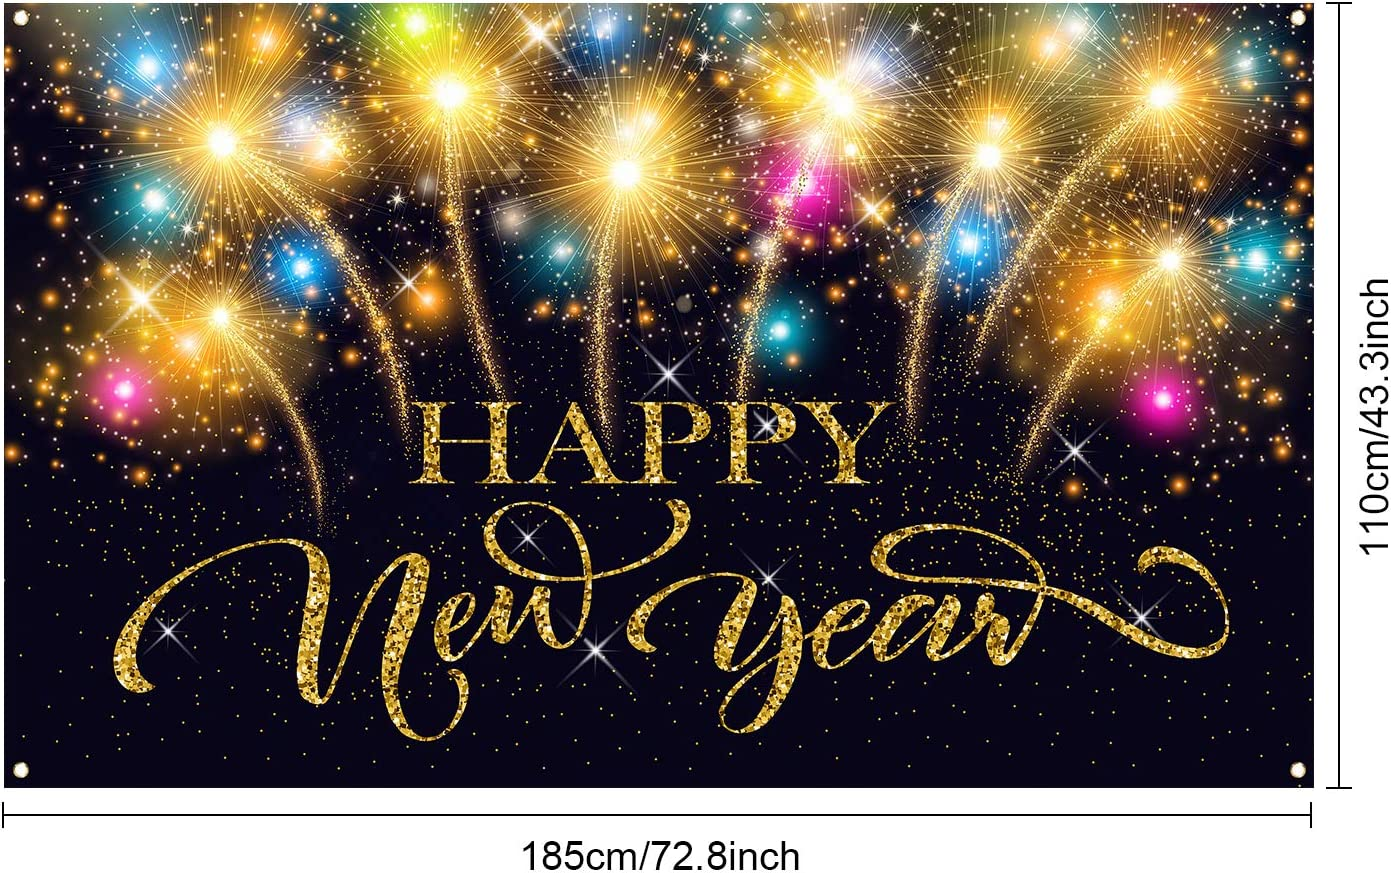 Happy New Year Party Dekoration Lieferung 2021 Neujahr Feuerwerk Foto Stand Hintergrund Banner Extra Gro/ße Stoff Happy New Year Banner f/ür 2021 Party Dekoration 72,8 x 43,3 Zoll